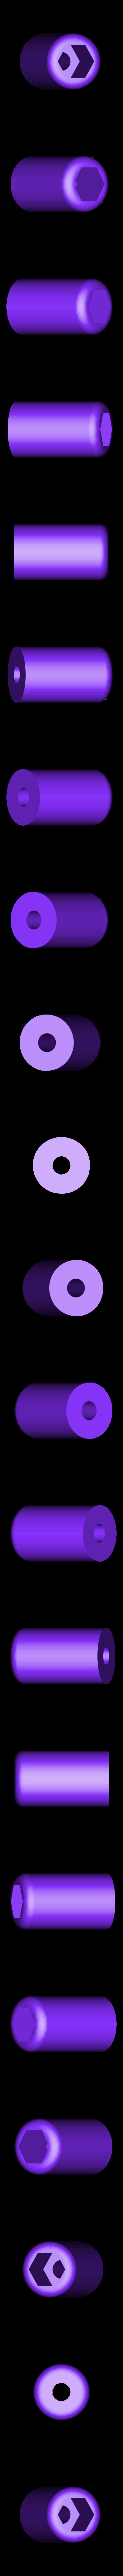 RecogedorMovedor.stl Télécharger fichier STL gratuit Harrope Cable Cam GoPro v1.0 • Design pour imprimante 3D, GuillermoMaroto